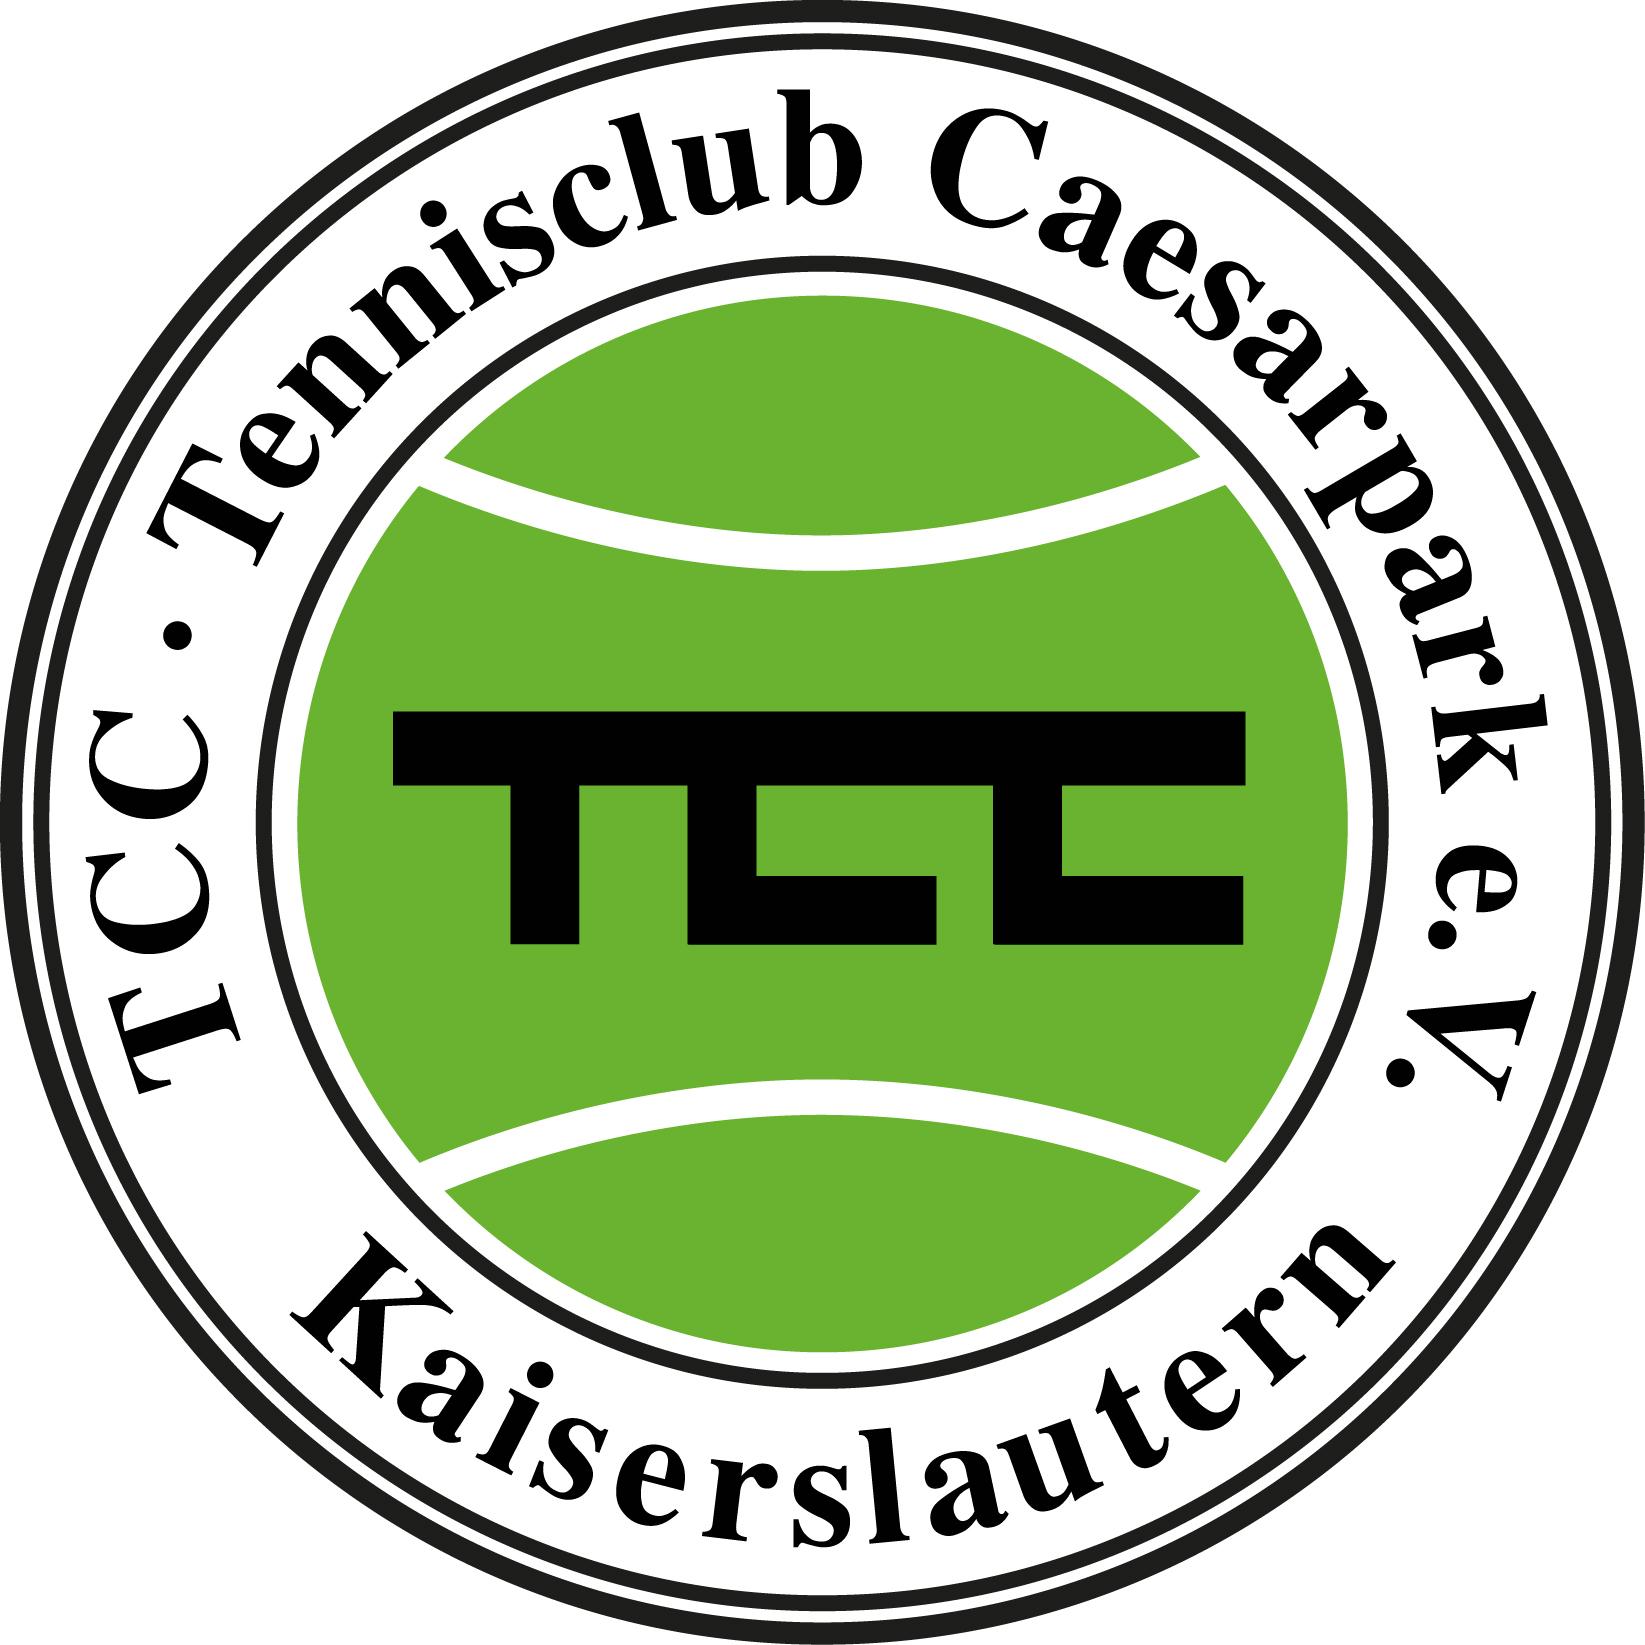 Tennisclub Caesarpark e.V.